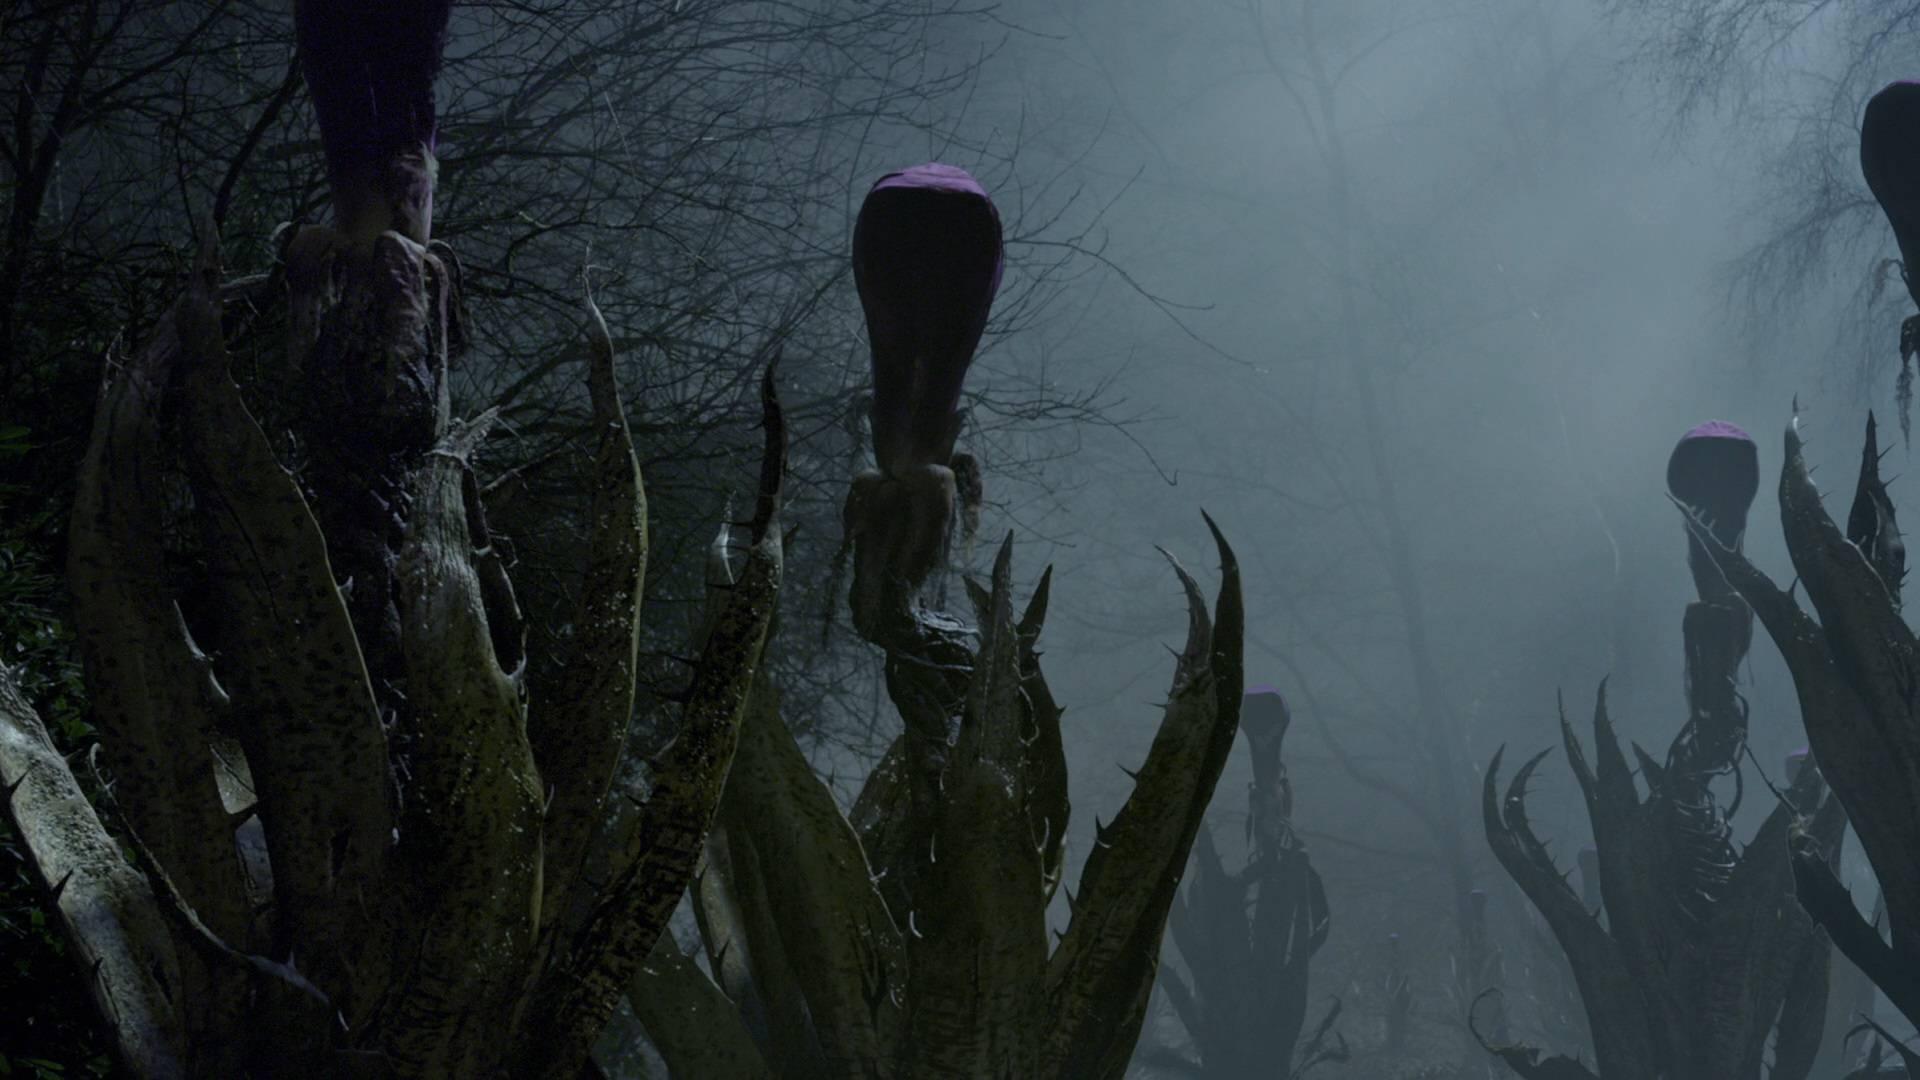 Безумные сценарии инопланетного вторжения: злобные будильники, огурцы и кибер-дантисты 7